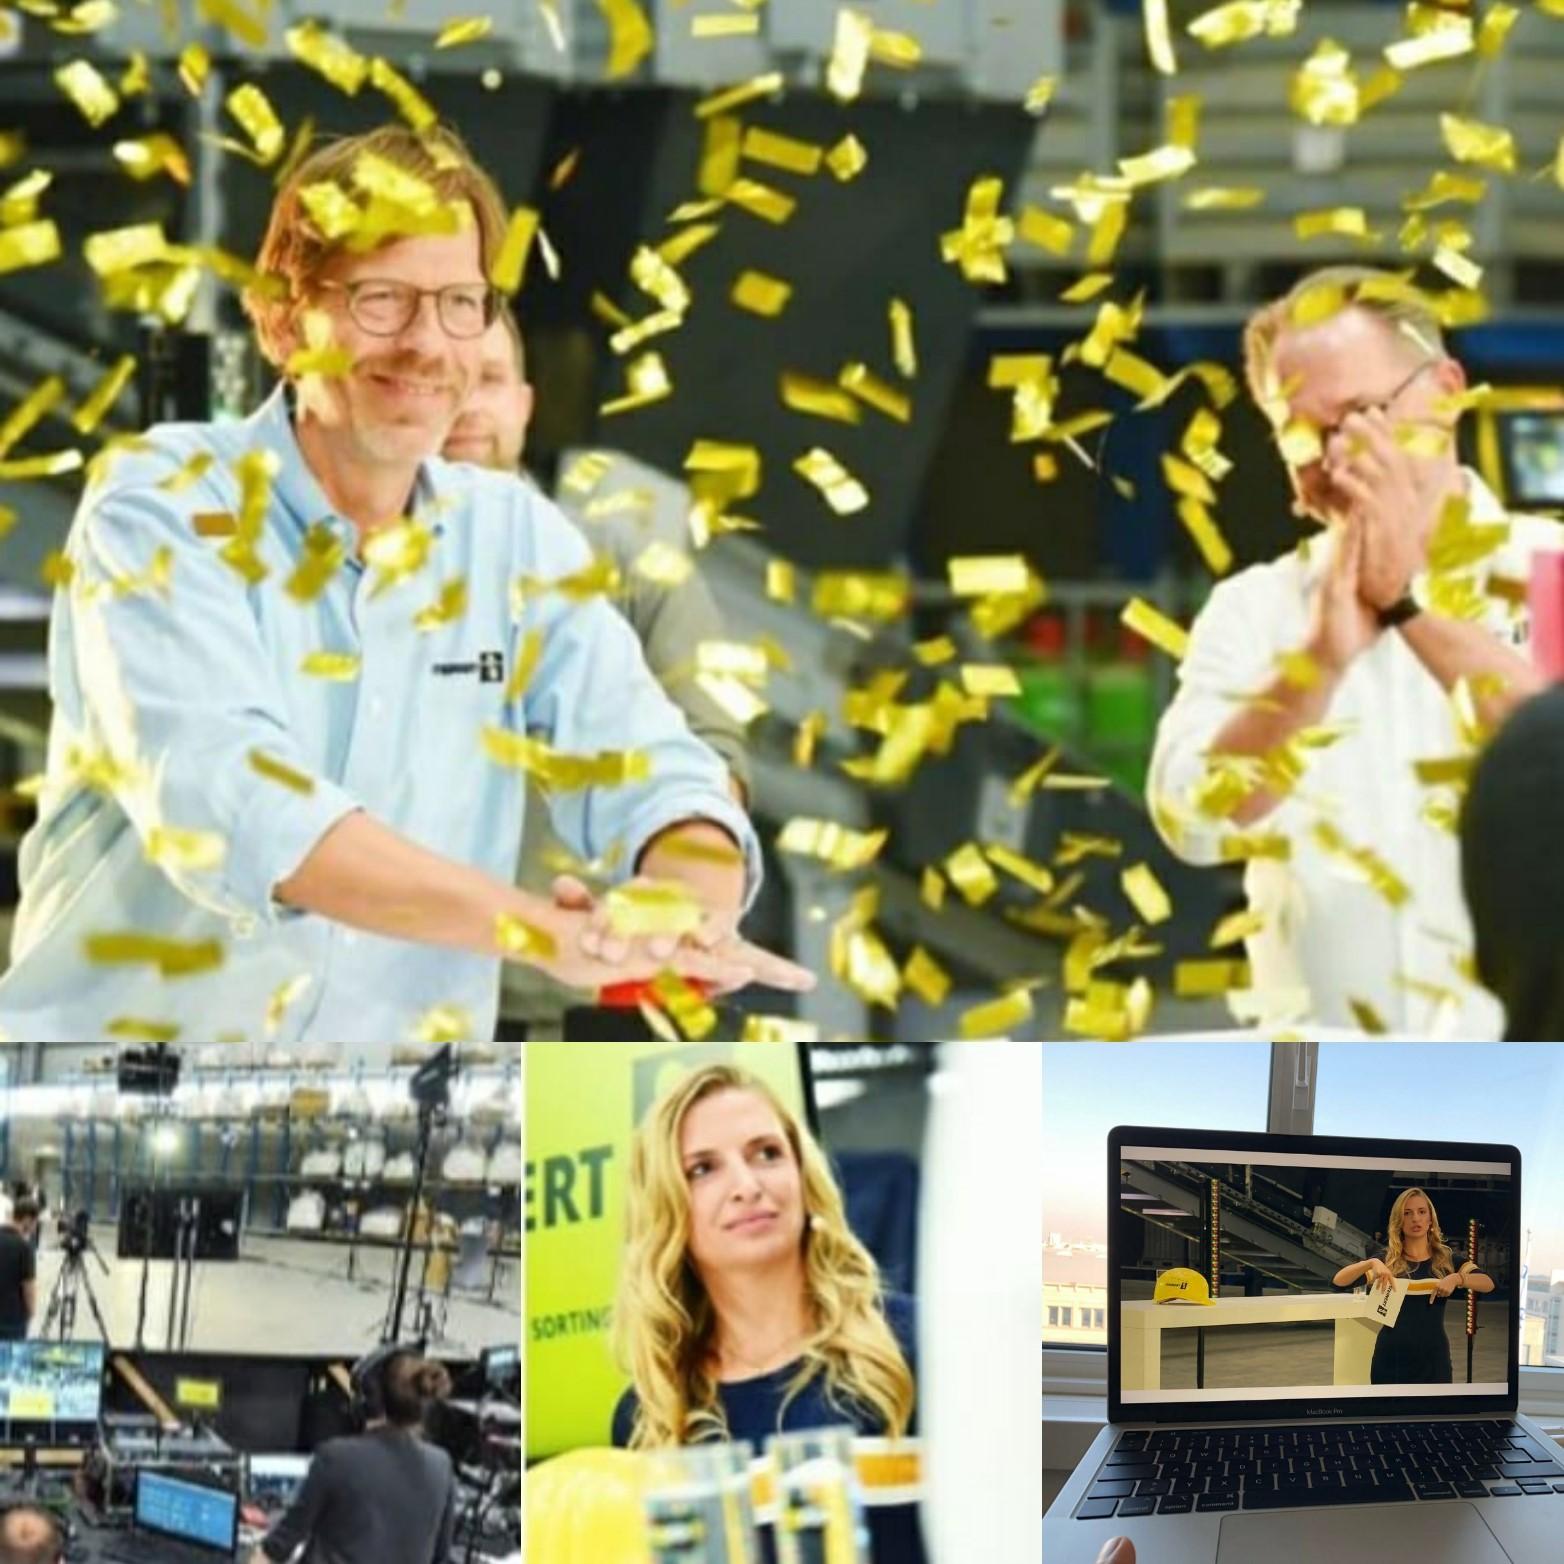 GOLDEN BUZZER: globaler Livestream in 55 Länder, Eröffnung eines neuen Werkes